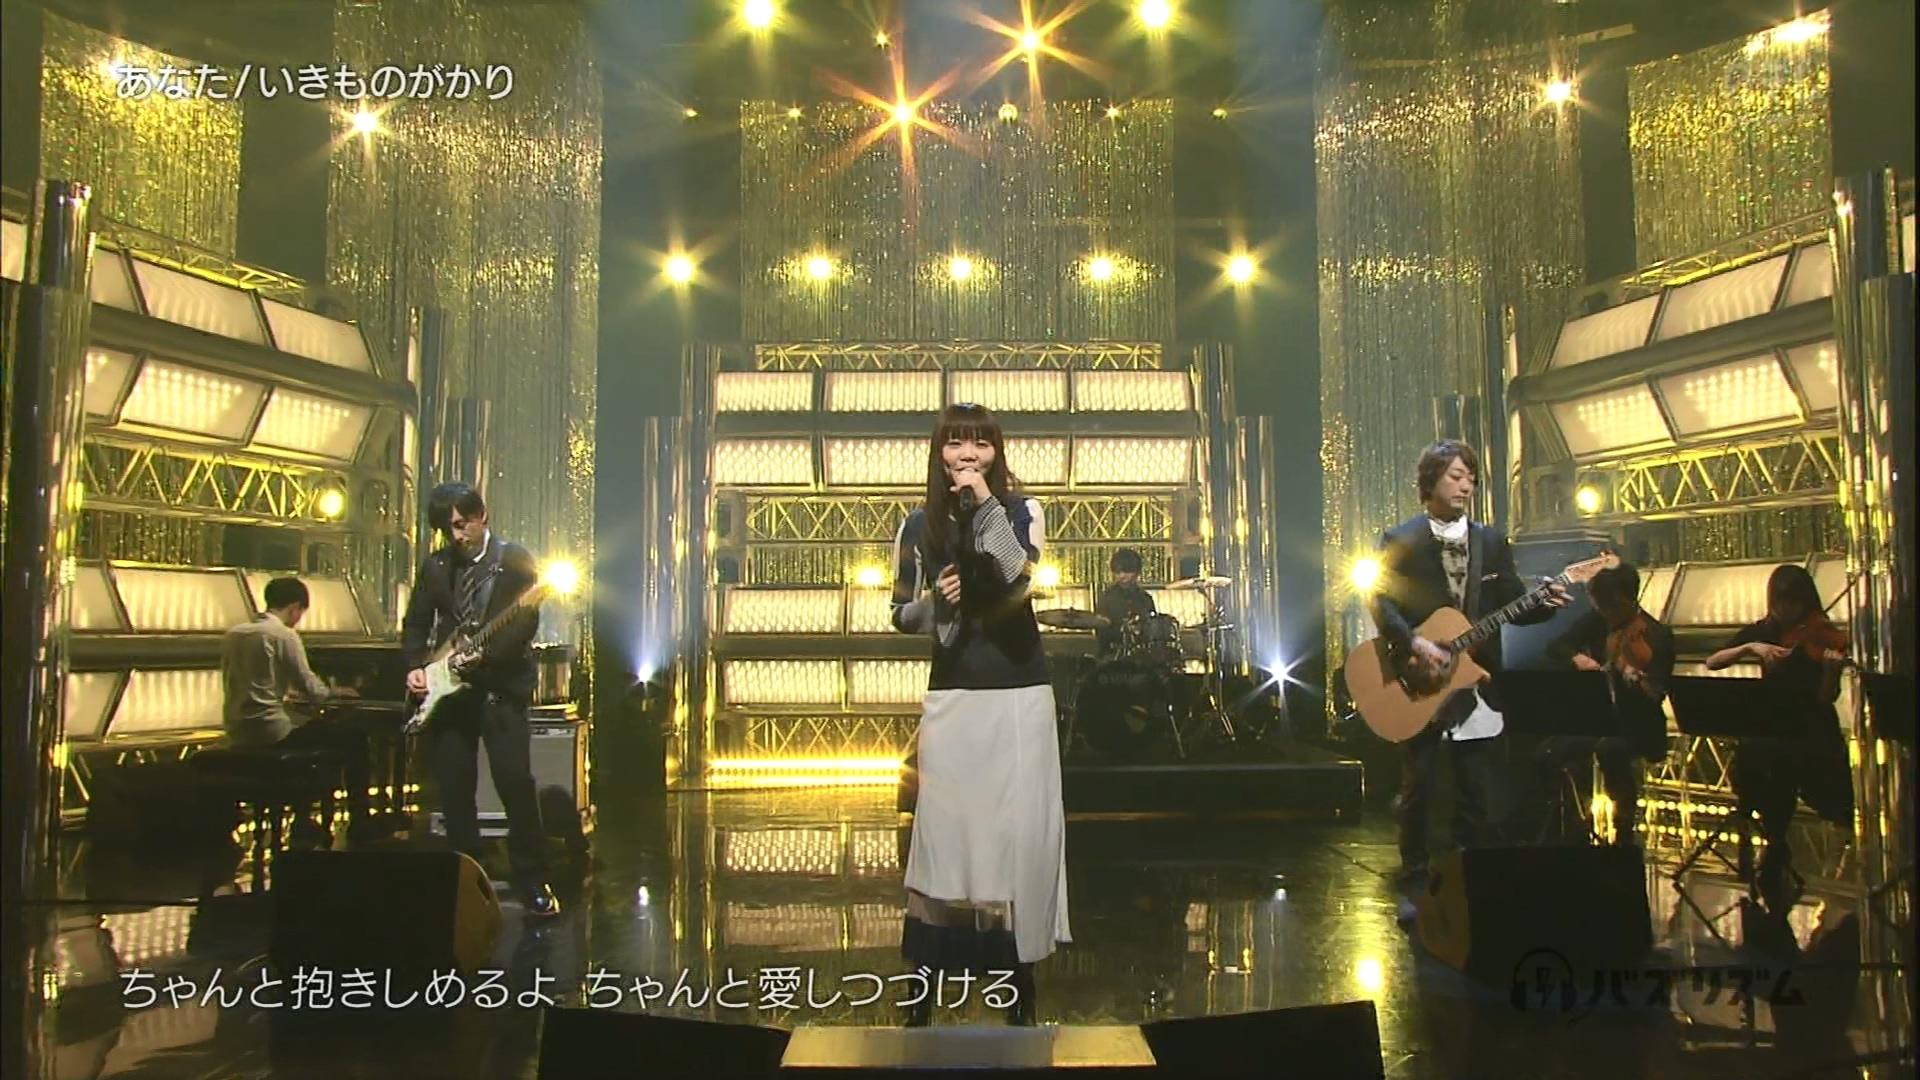 2016.03.11 全場(バズリズム).ts_20160312_023536.281